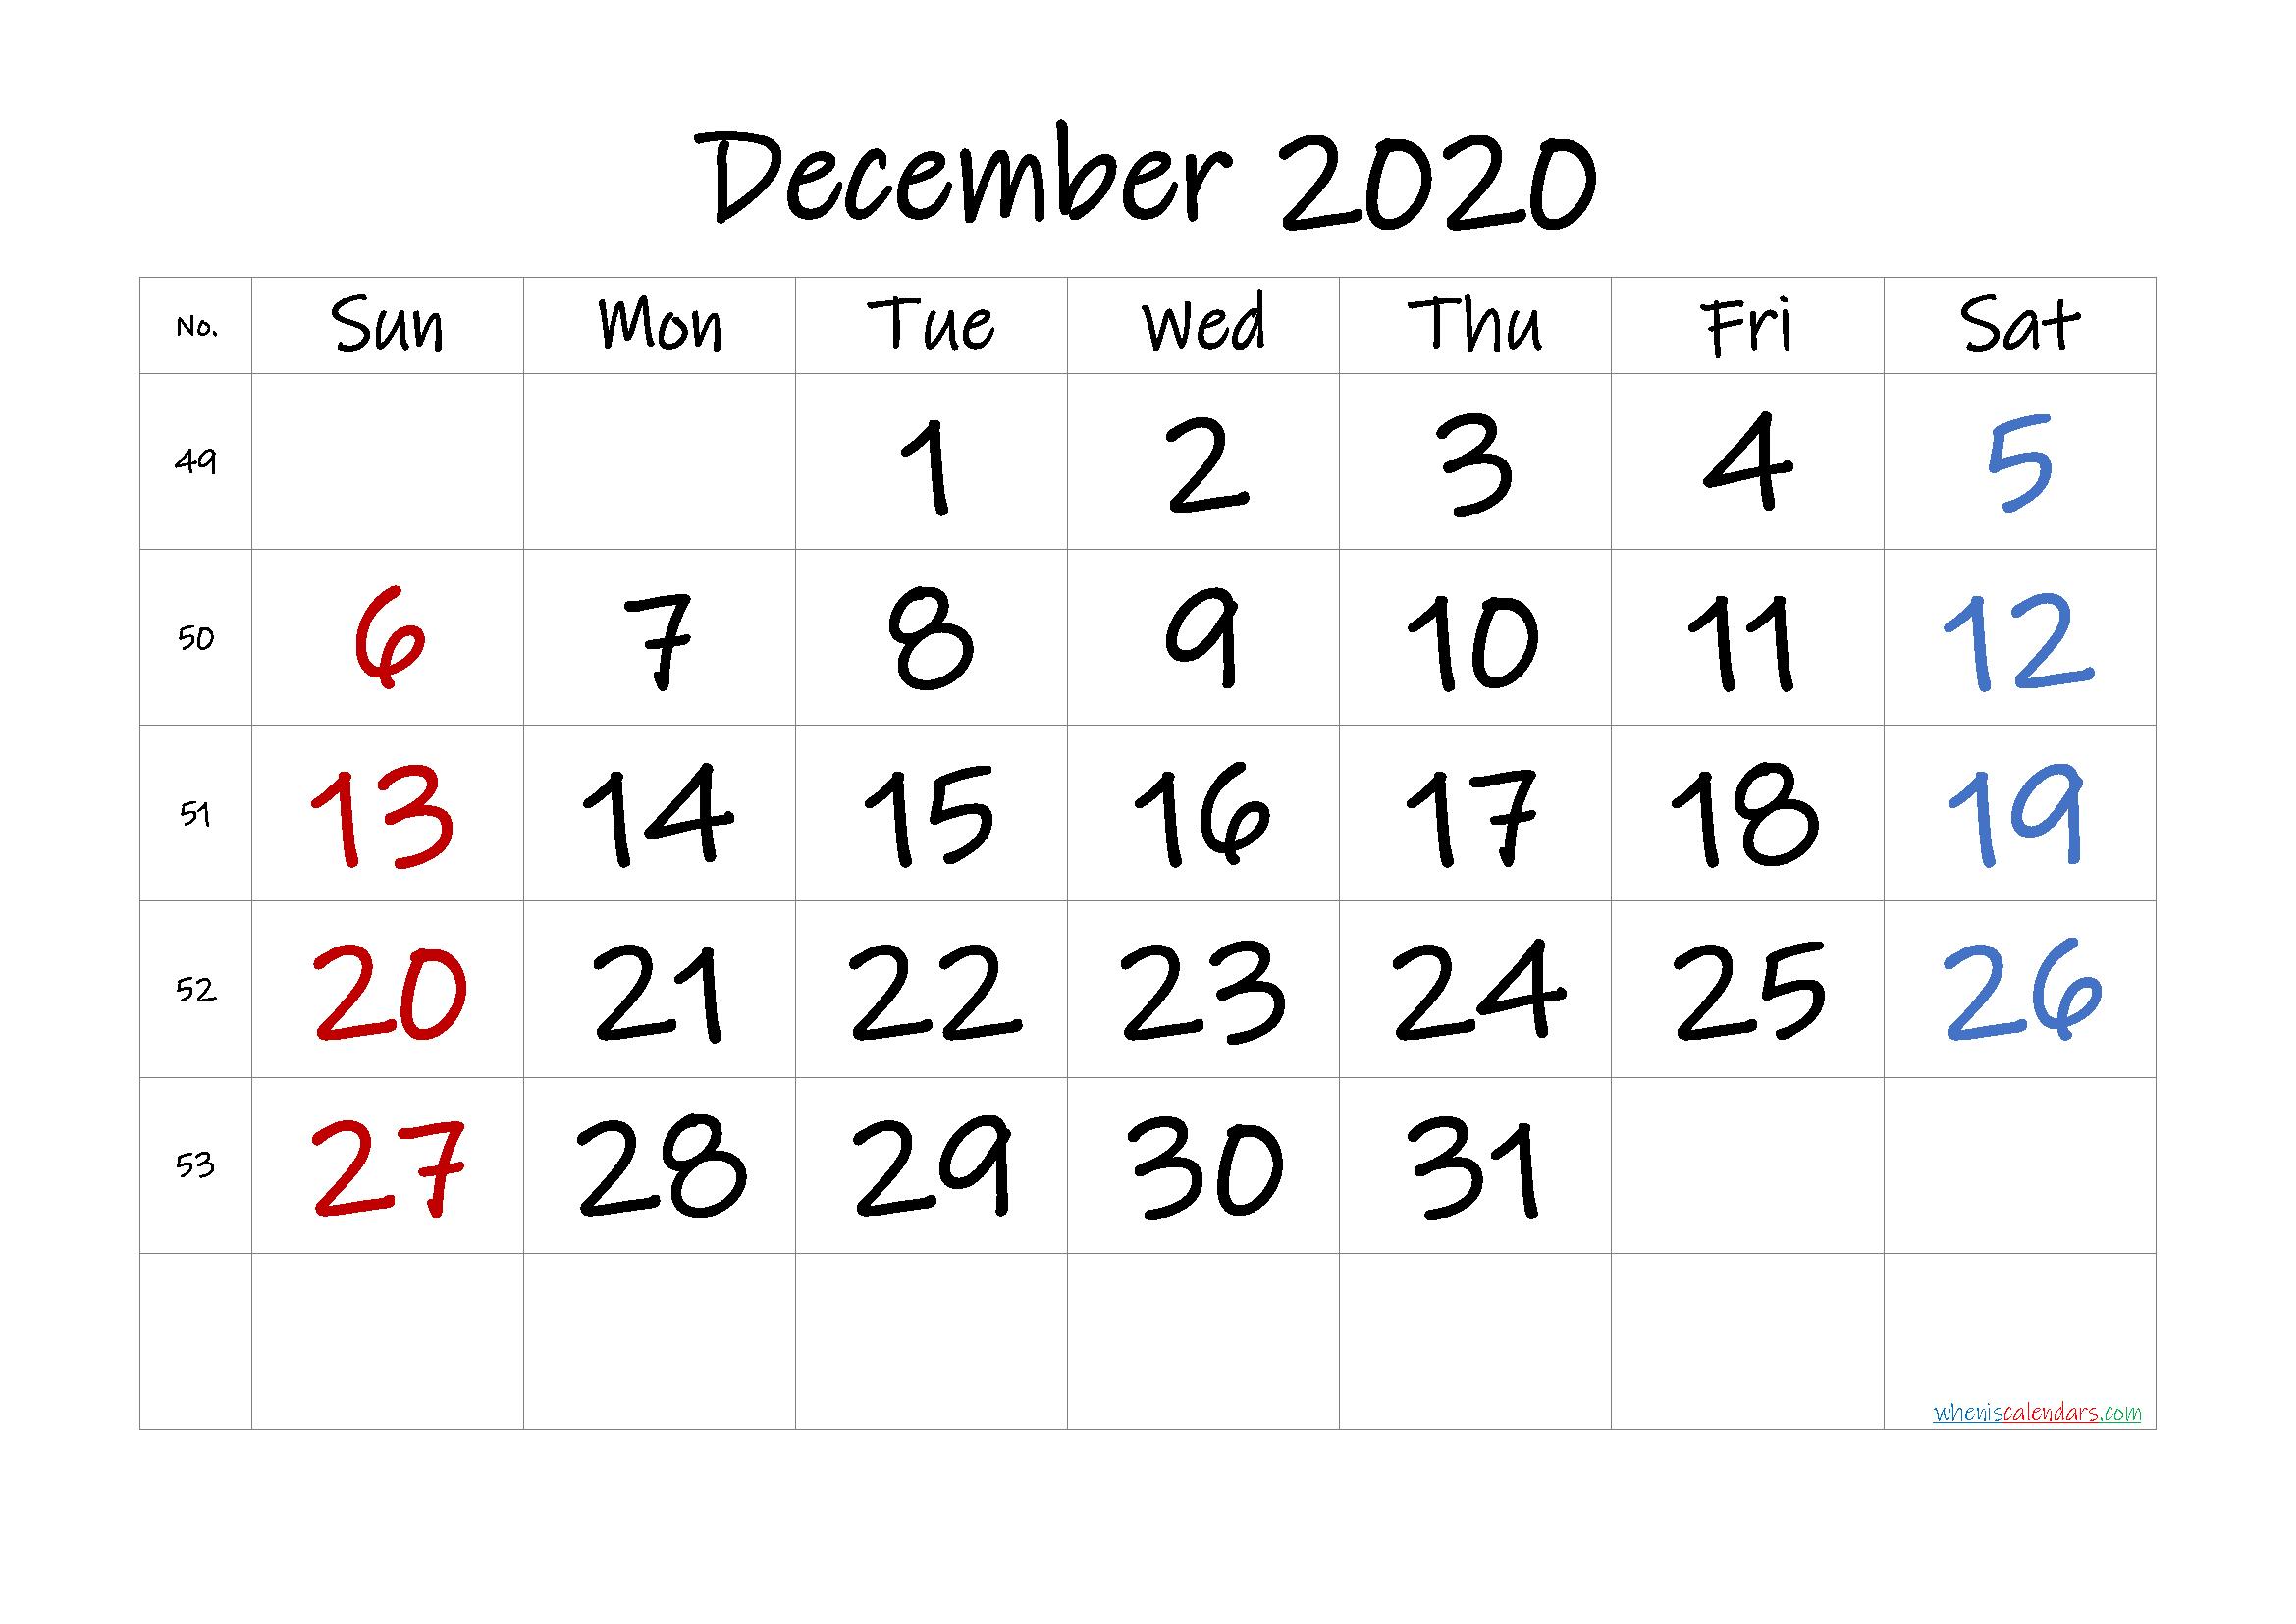 Free December 2020 Calendar with Week Numbers